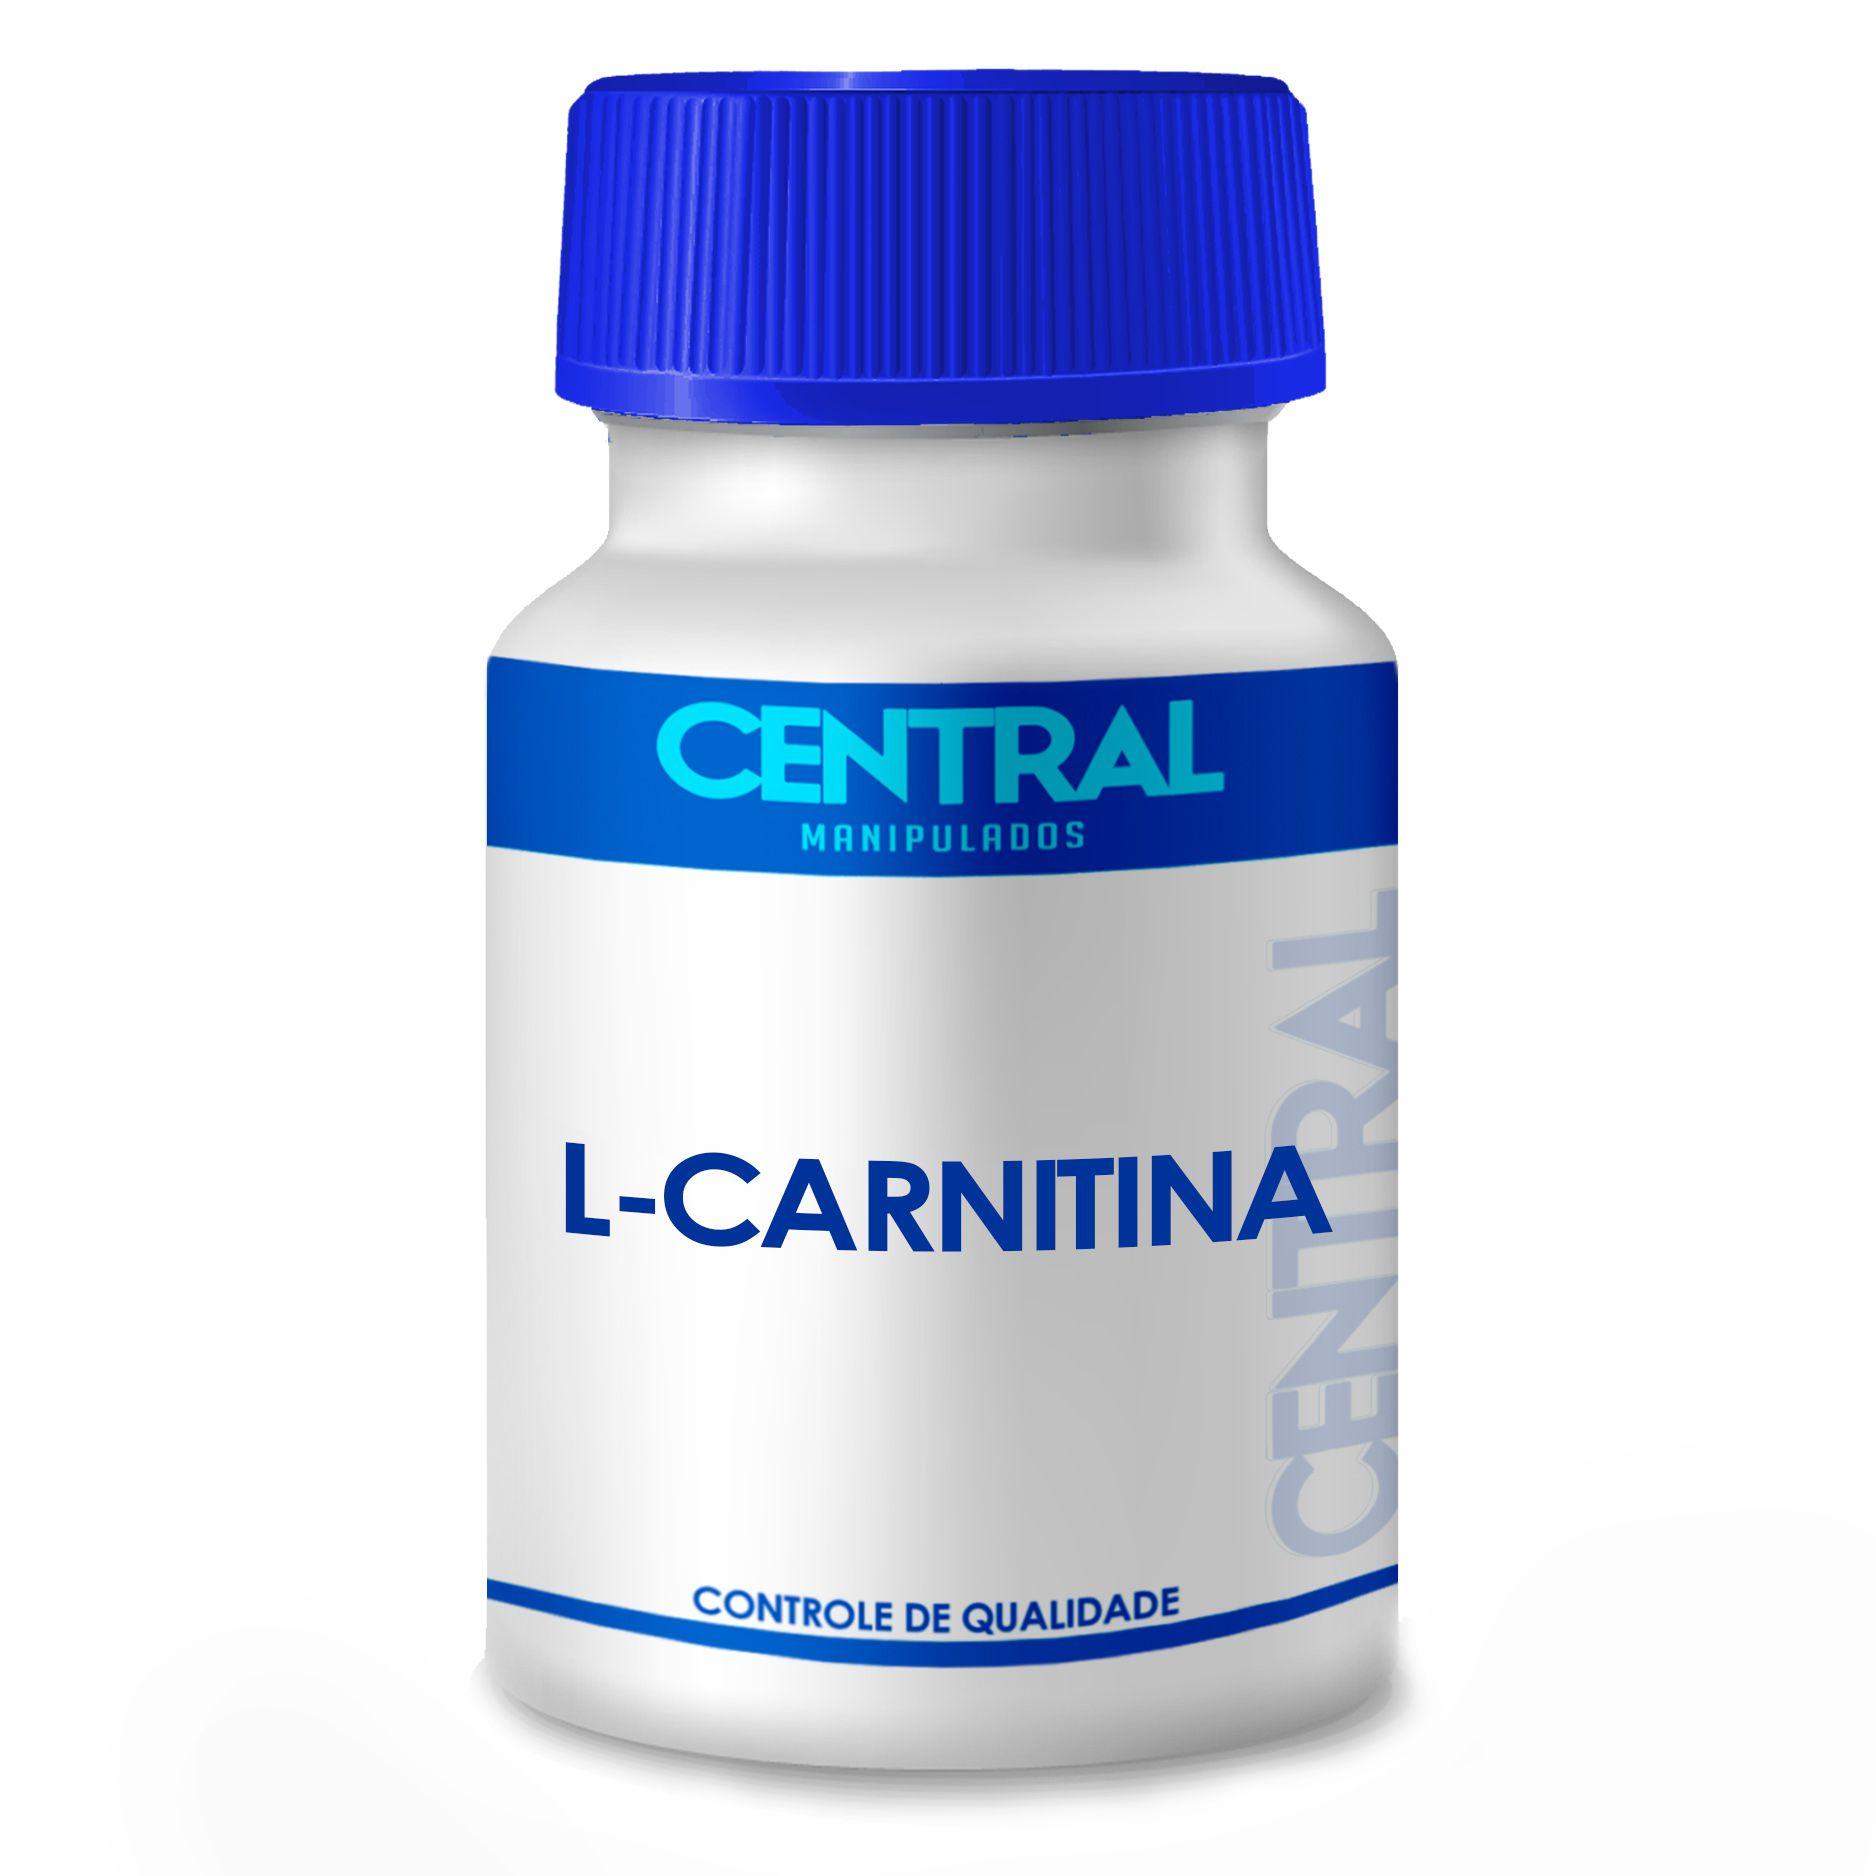 L Carnitina - transformação de gordura em energia - 500mg Central 30 cápsulas